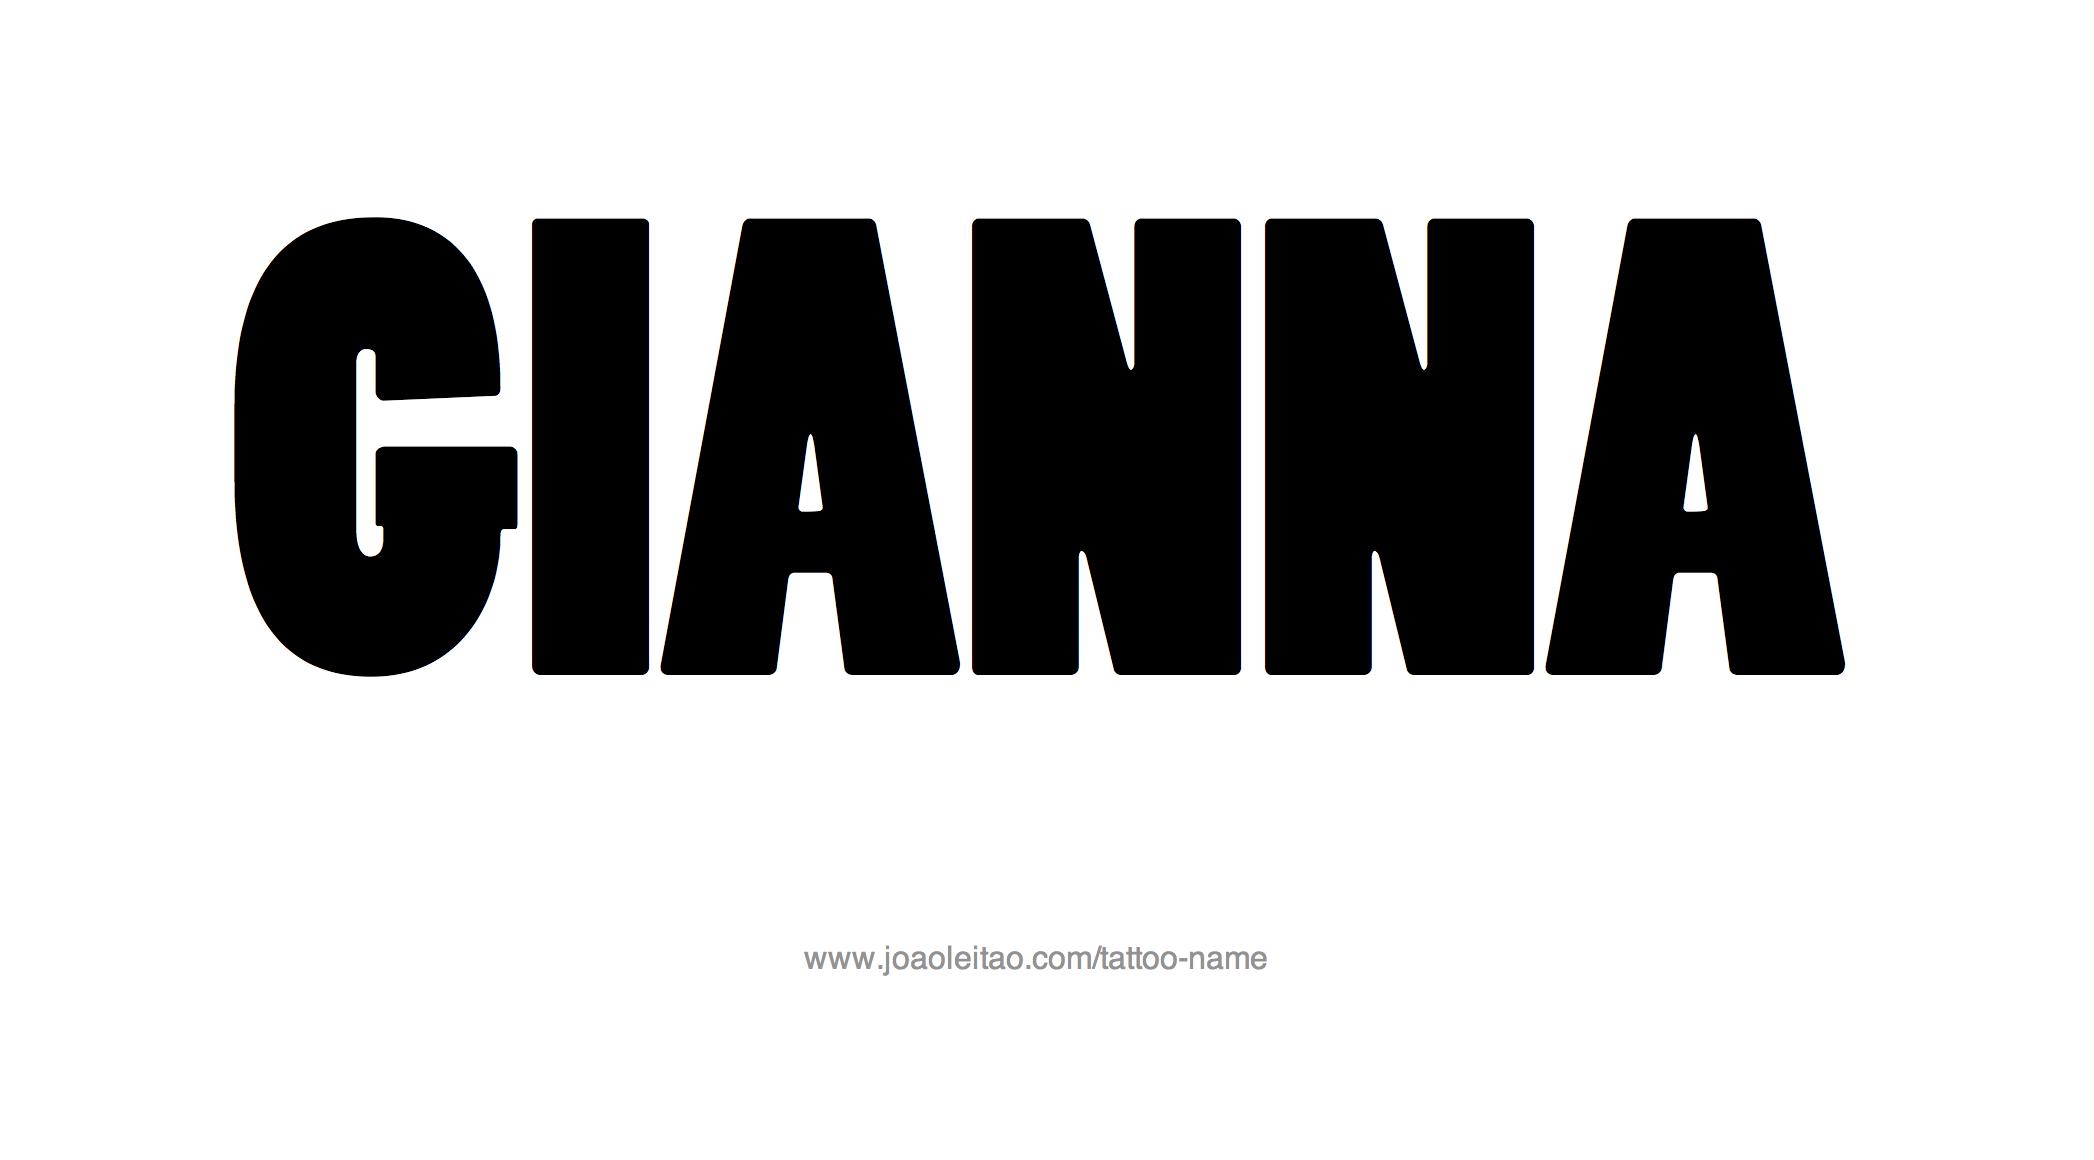 Name: Gianna Name Tattoo Designs